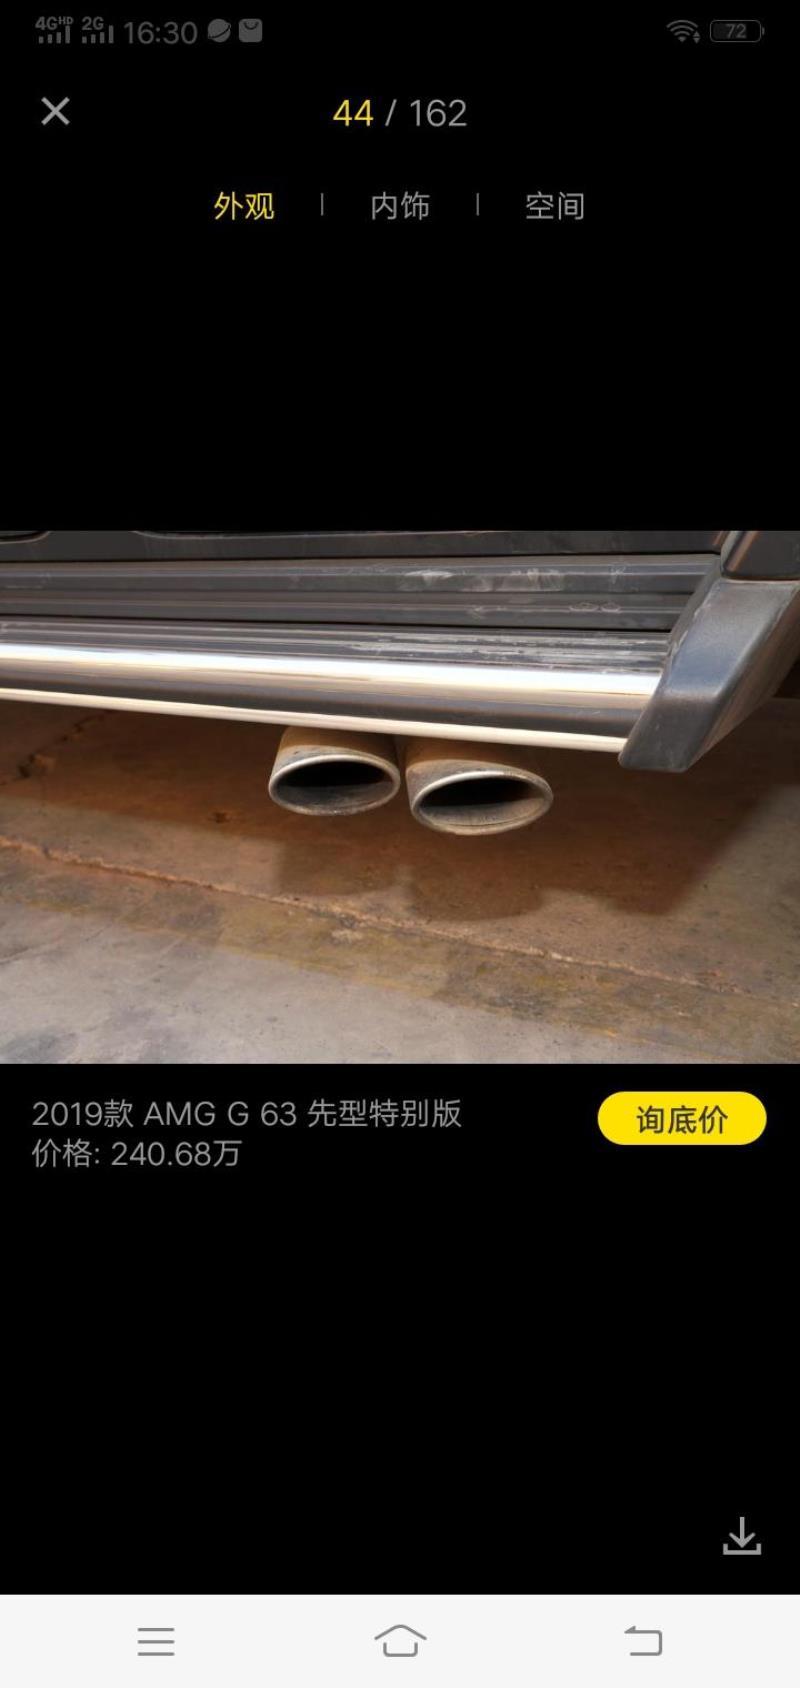 奔驰g级amg,奔驰G63的排气管怎么设计在侧面,不怕后排上下车的人被烫了